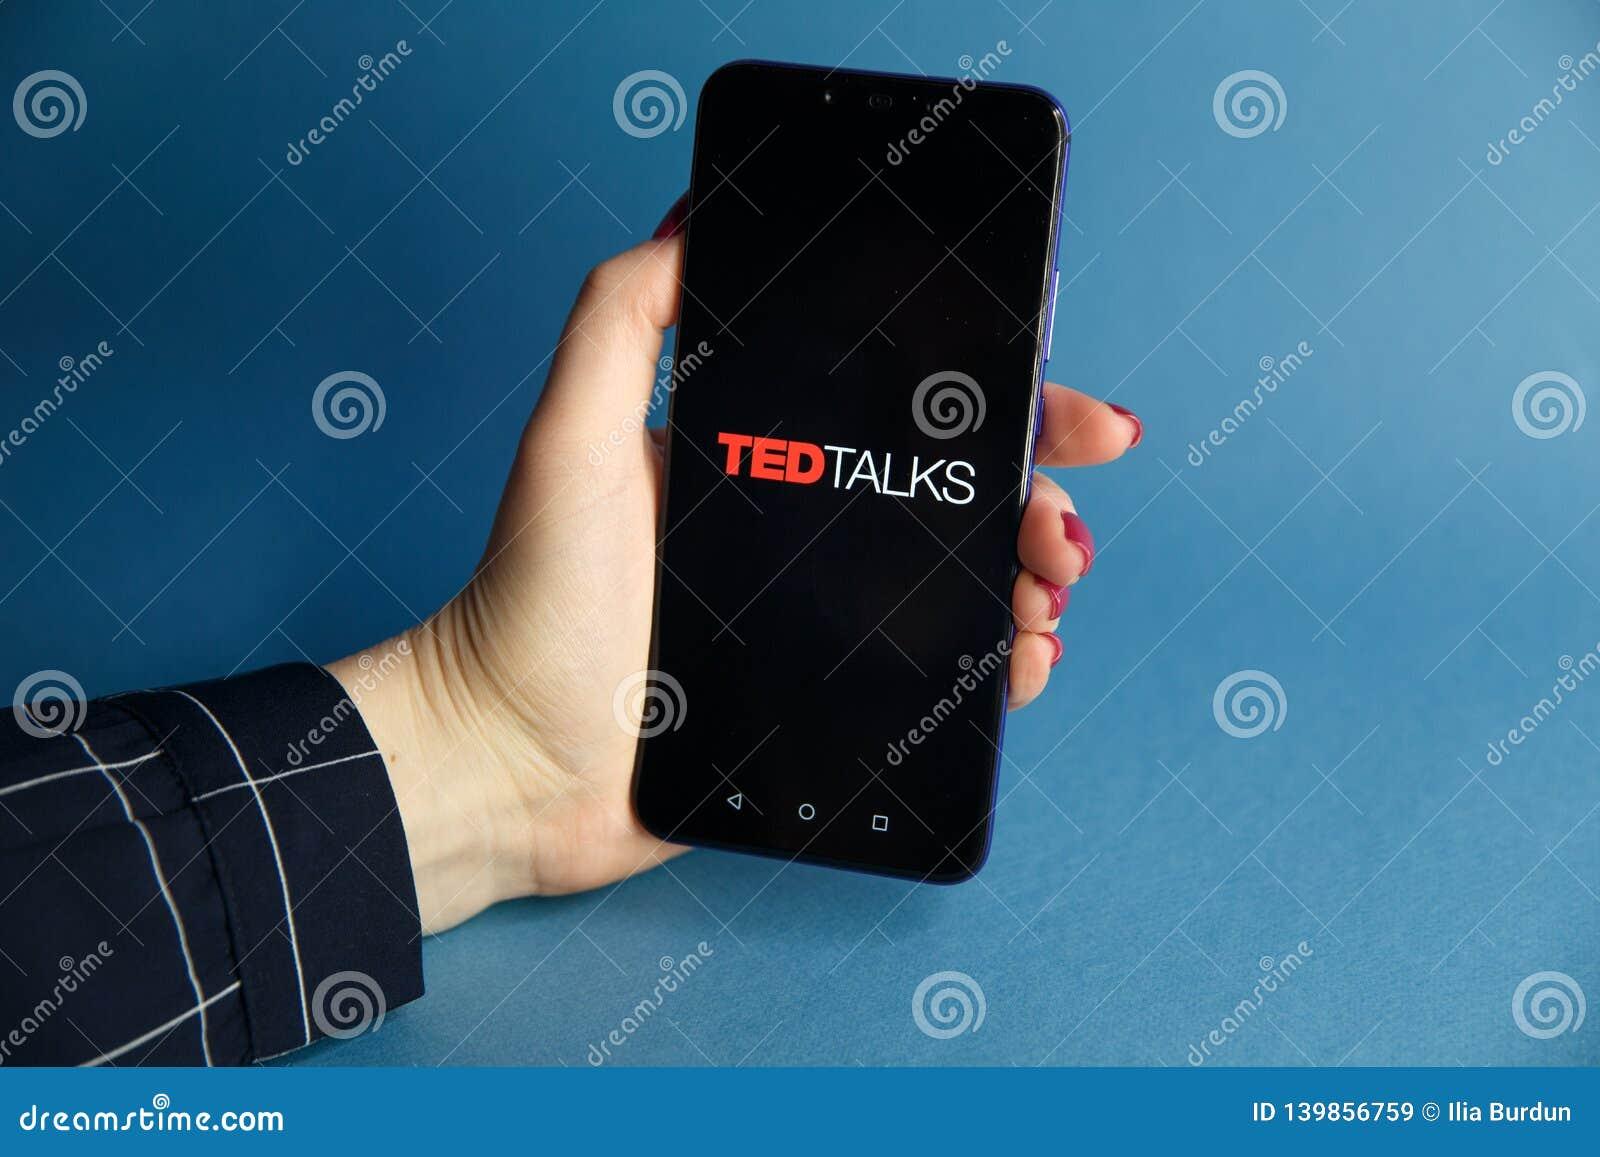 Тула, Россия - 29-ОЕ ЯНВАРЯ 2019: Логотип бесед ТЕД показал дальше